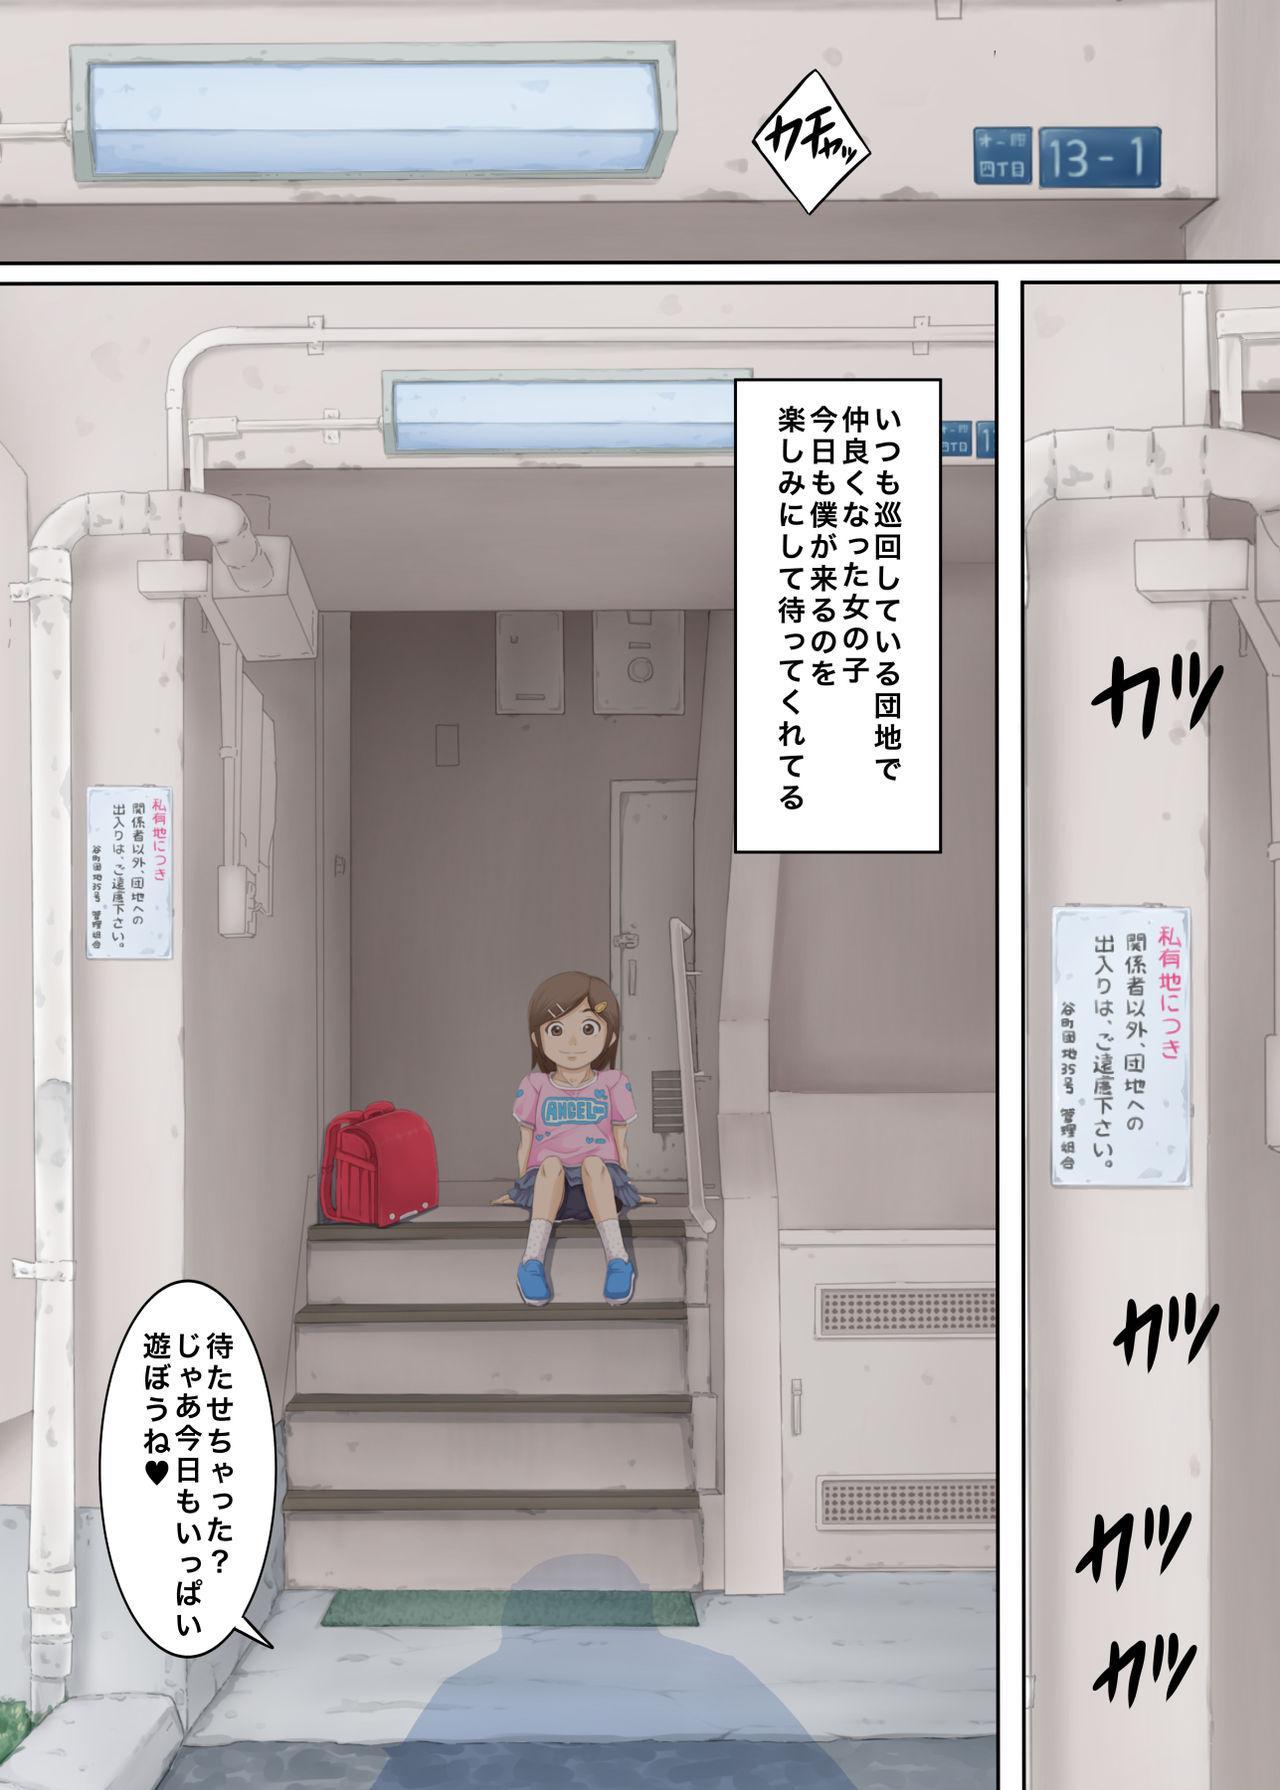 Bokutachi wa Tenshi-tachi no Skirt no Nakami ga Mitai 12